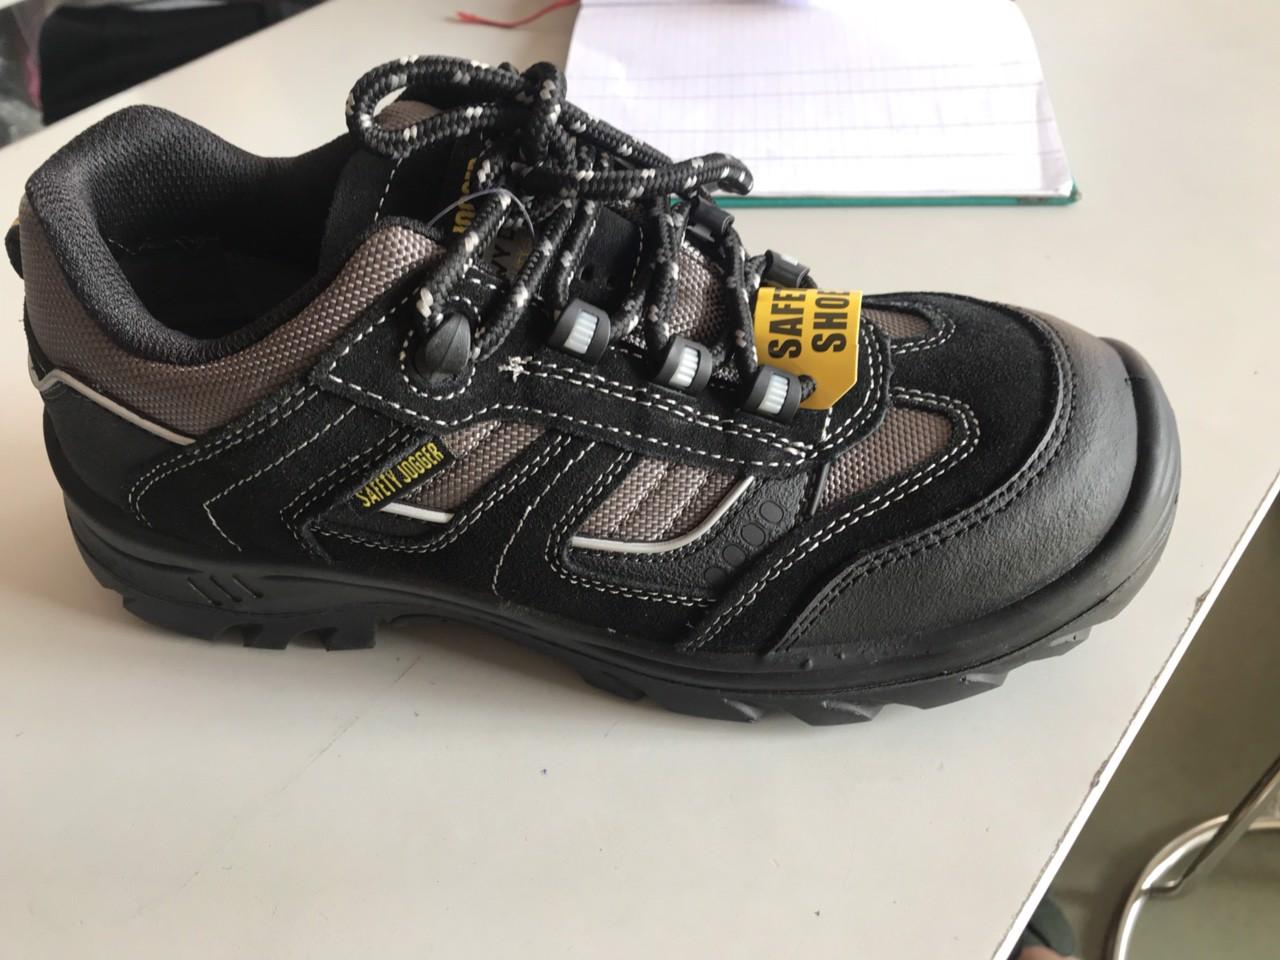 Giày bảo hộ lao động Jogger